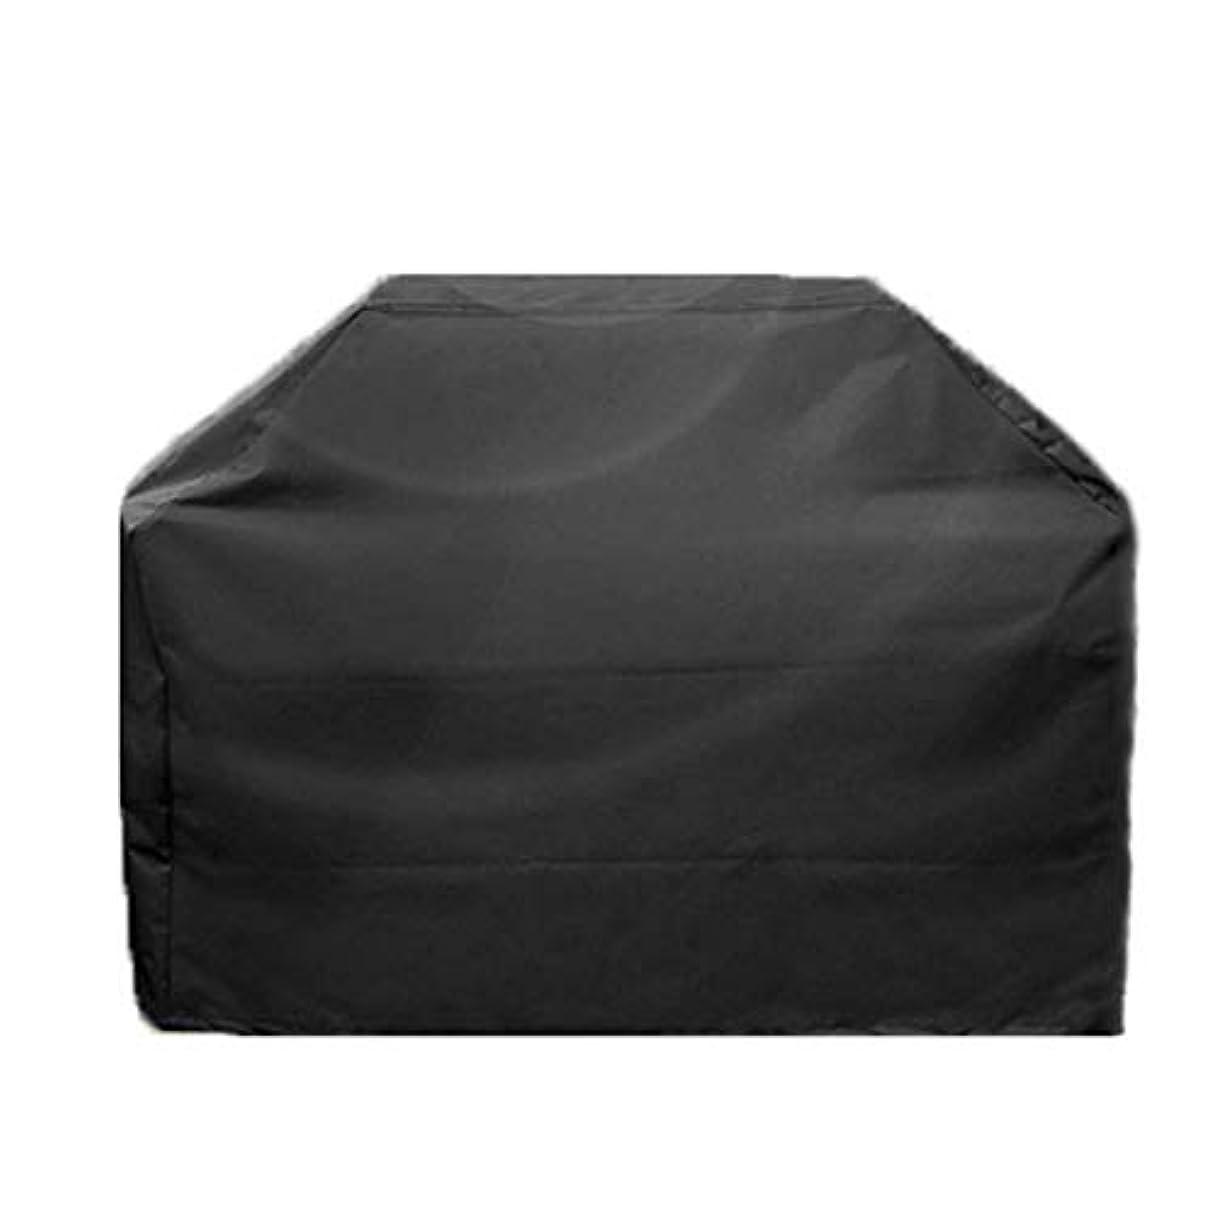 永遠のシャーク宿題をするJcy バーベキューふた、防風性、防塵性、耐UV性、引裂き性、退色防止、ほとんどのグリルカバーに対応 (色 : Black, Size : Square 170X61X117CM)